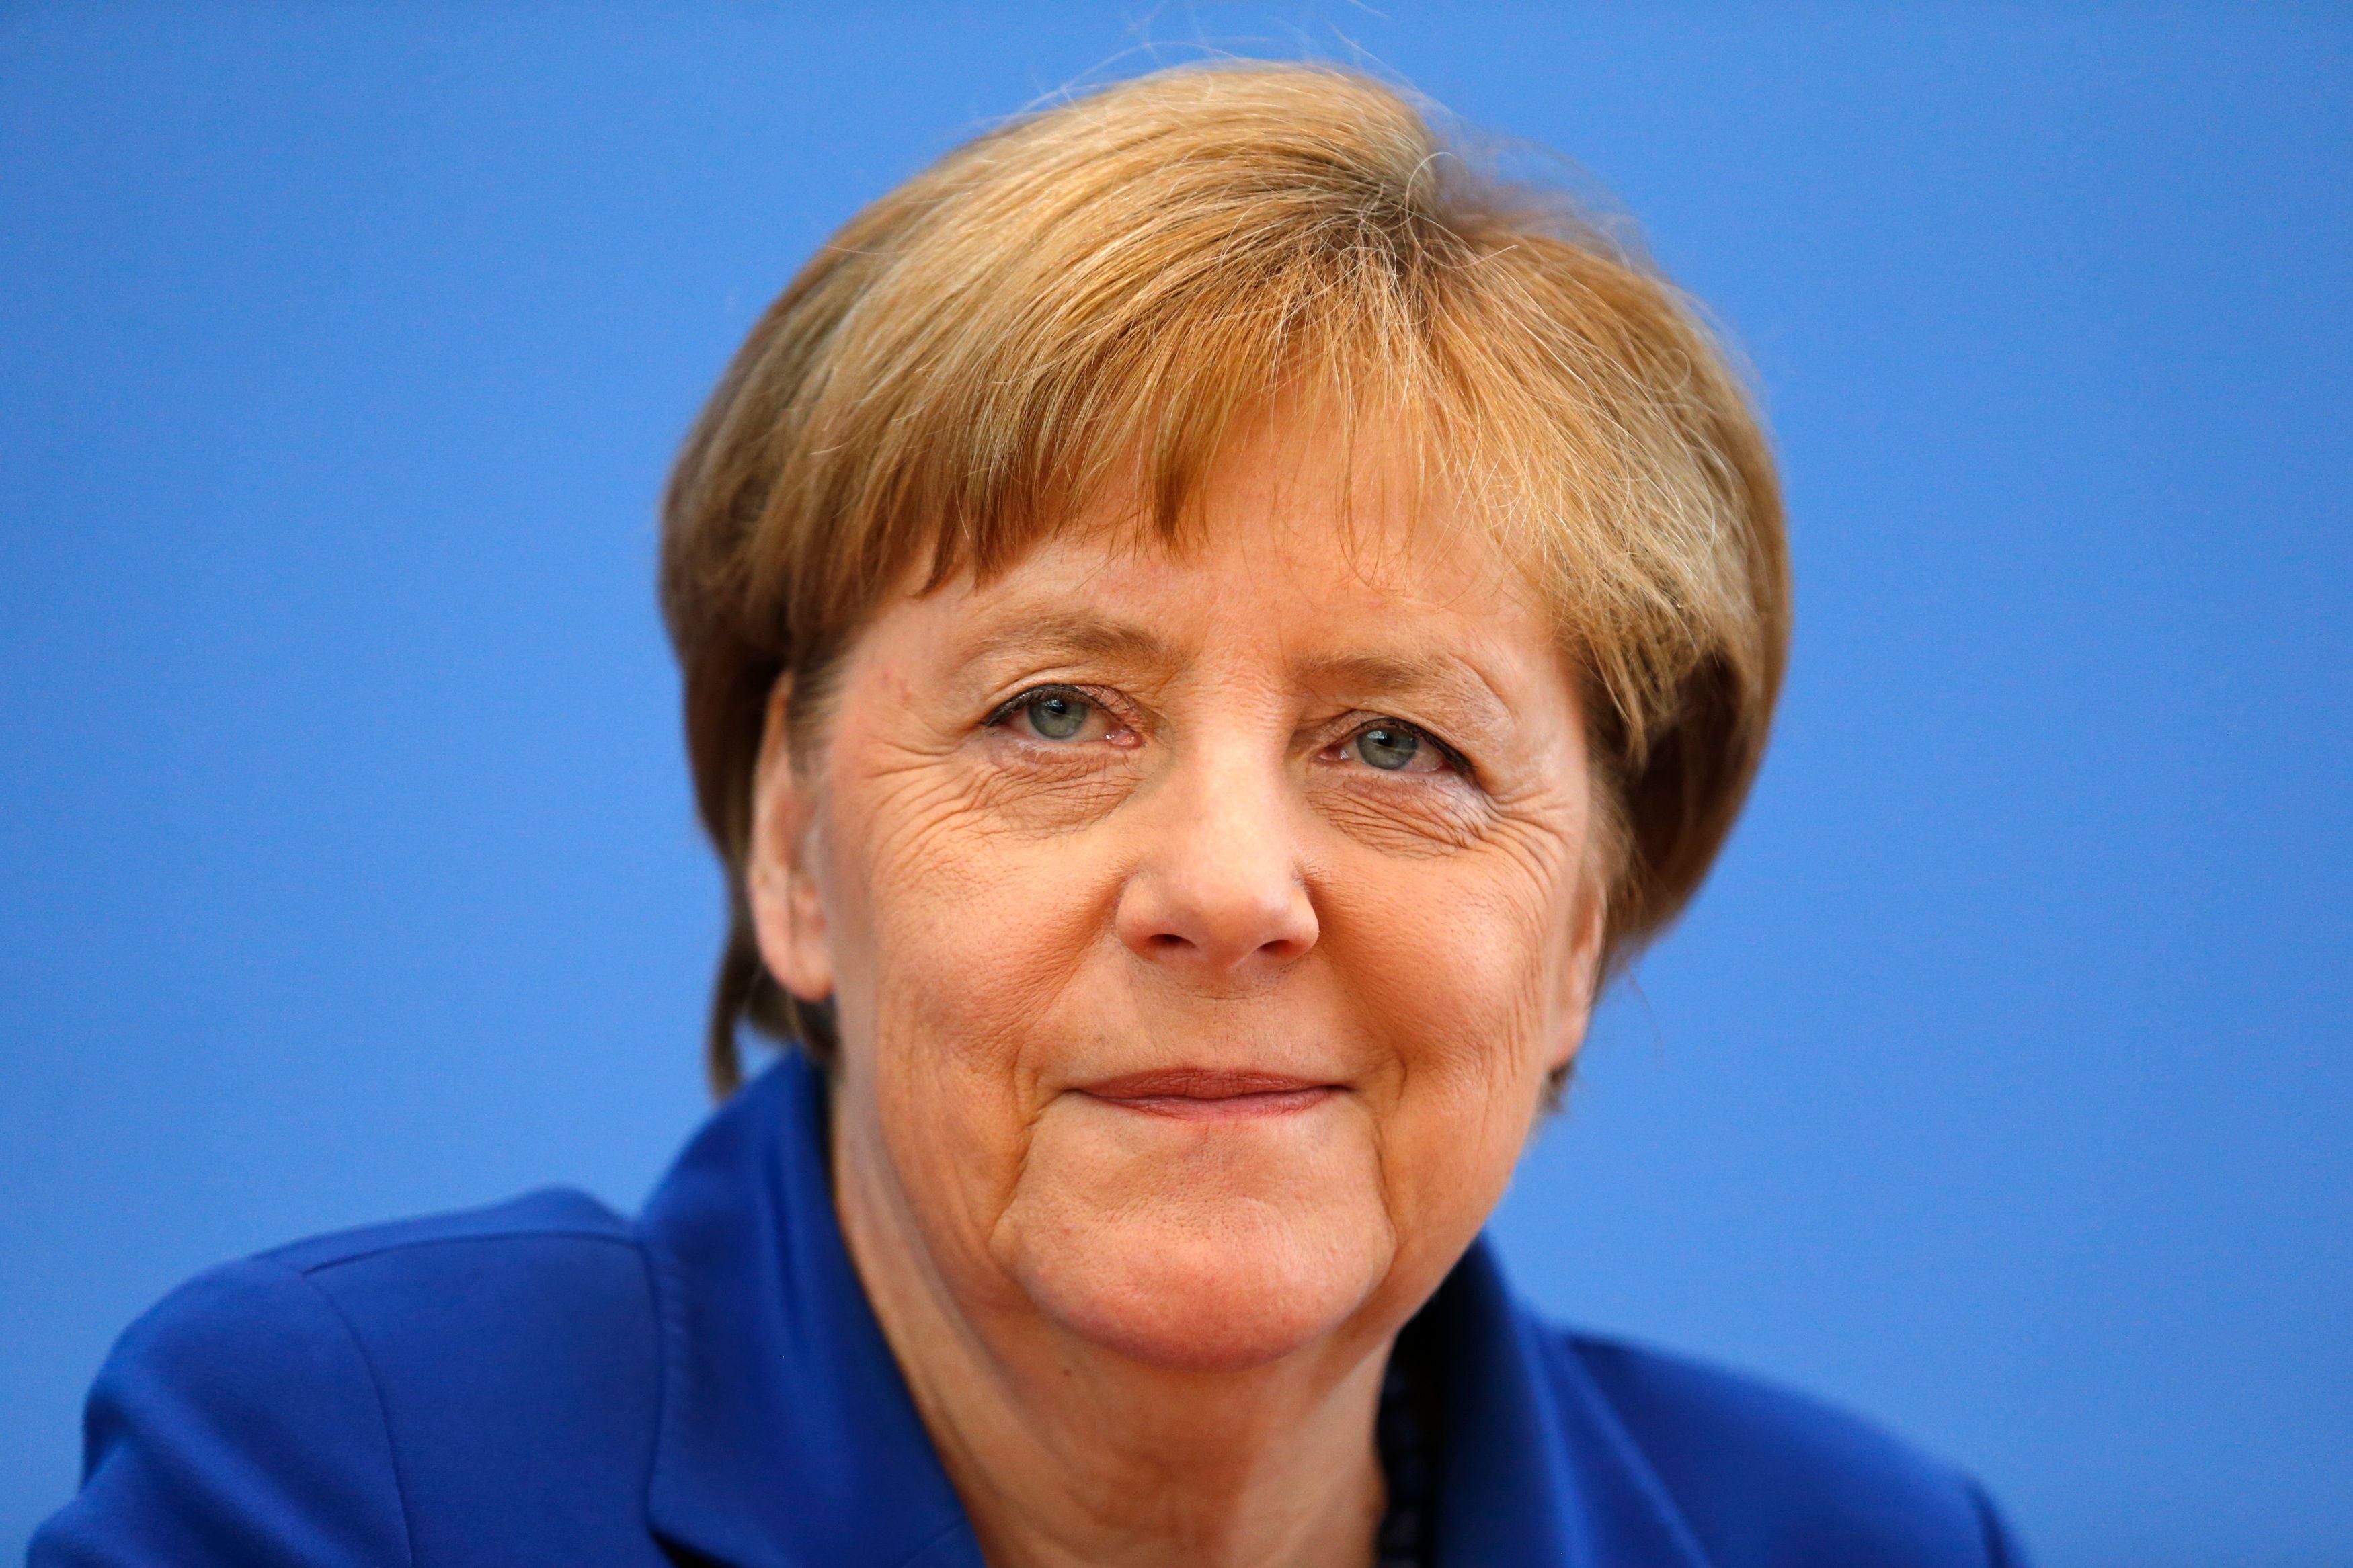 Allemagne : Angela Merkel en difficulté politique face aux troubles de Deutsche Bank